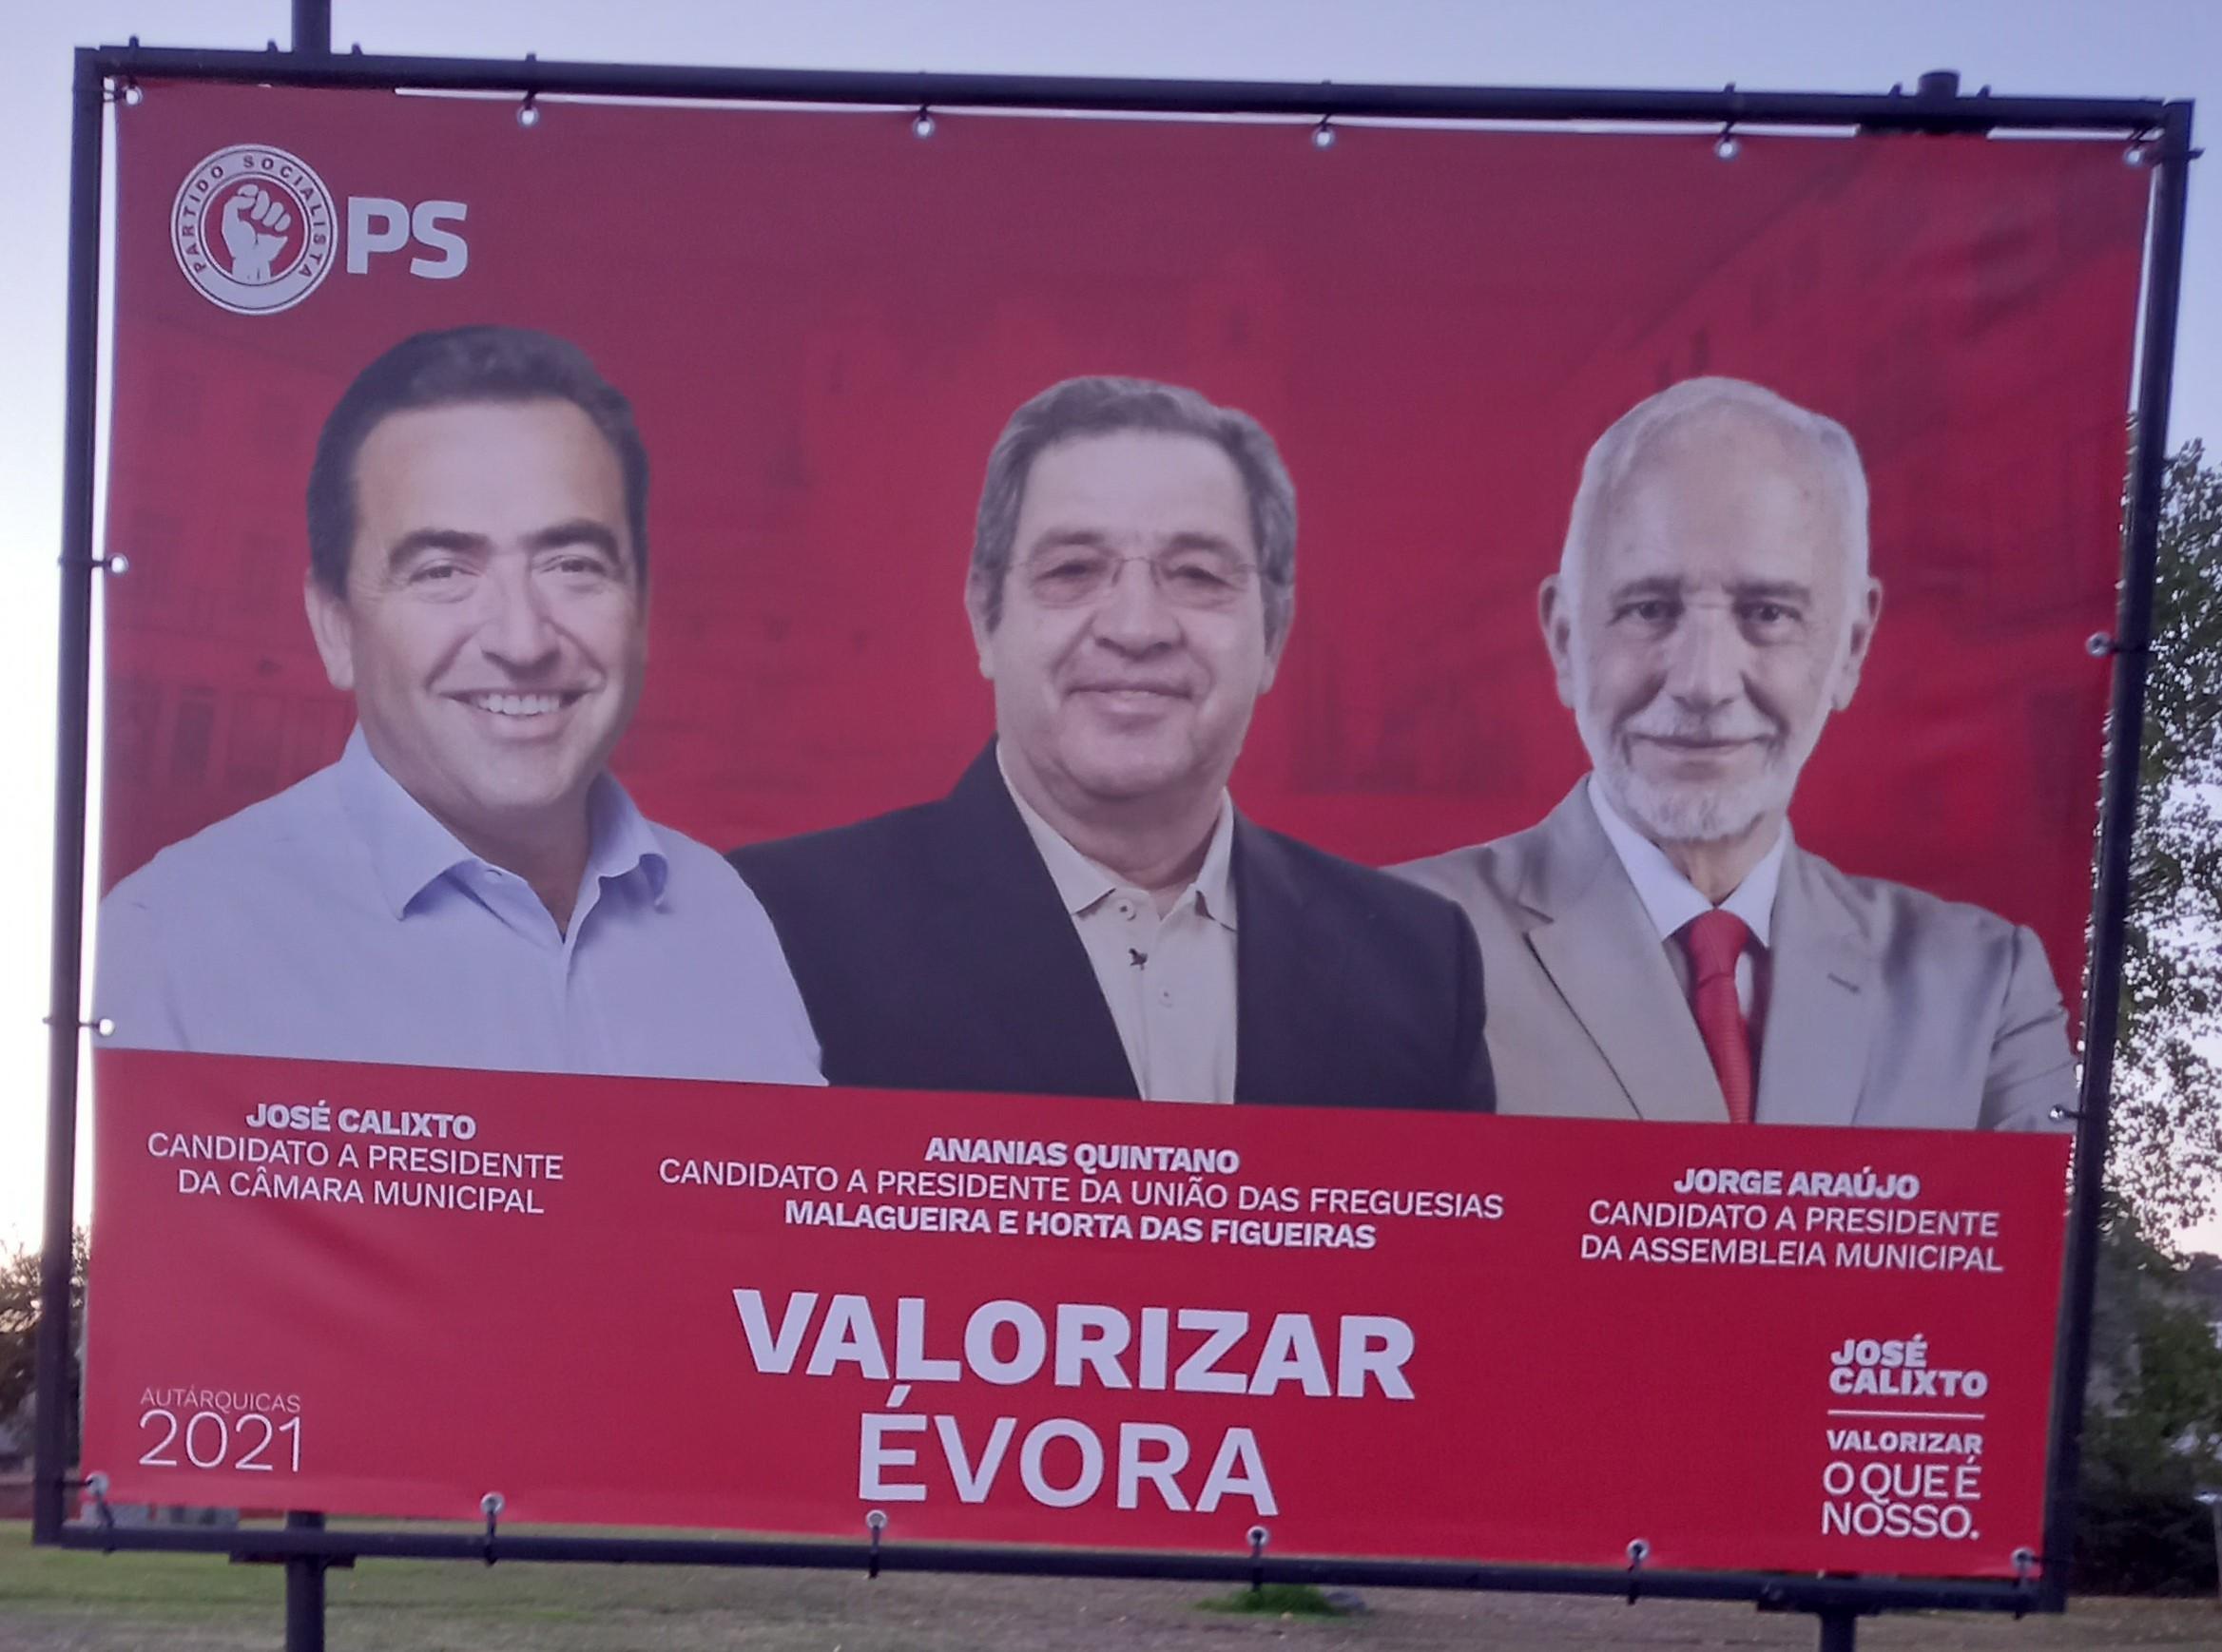 PS_2021_Evora_Malagueira e Horta